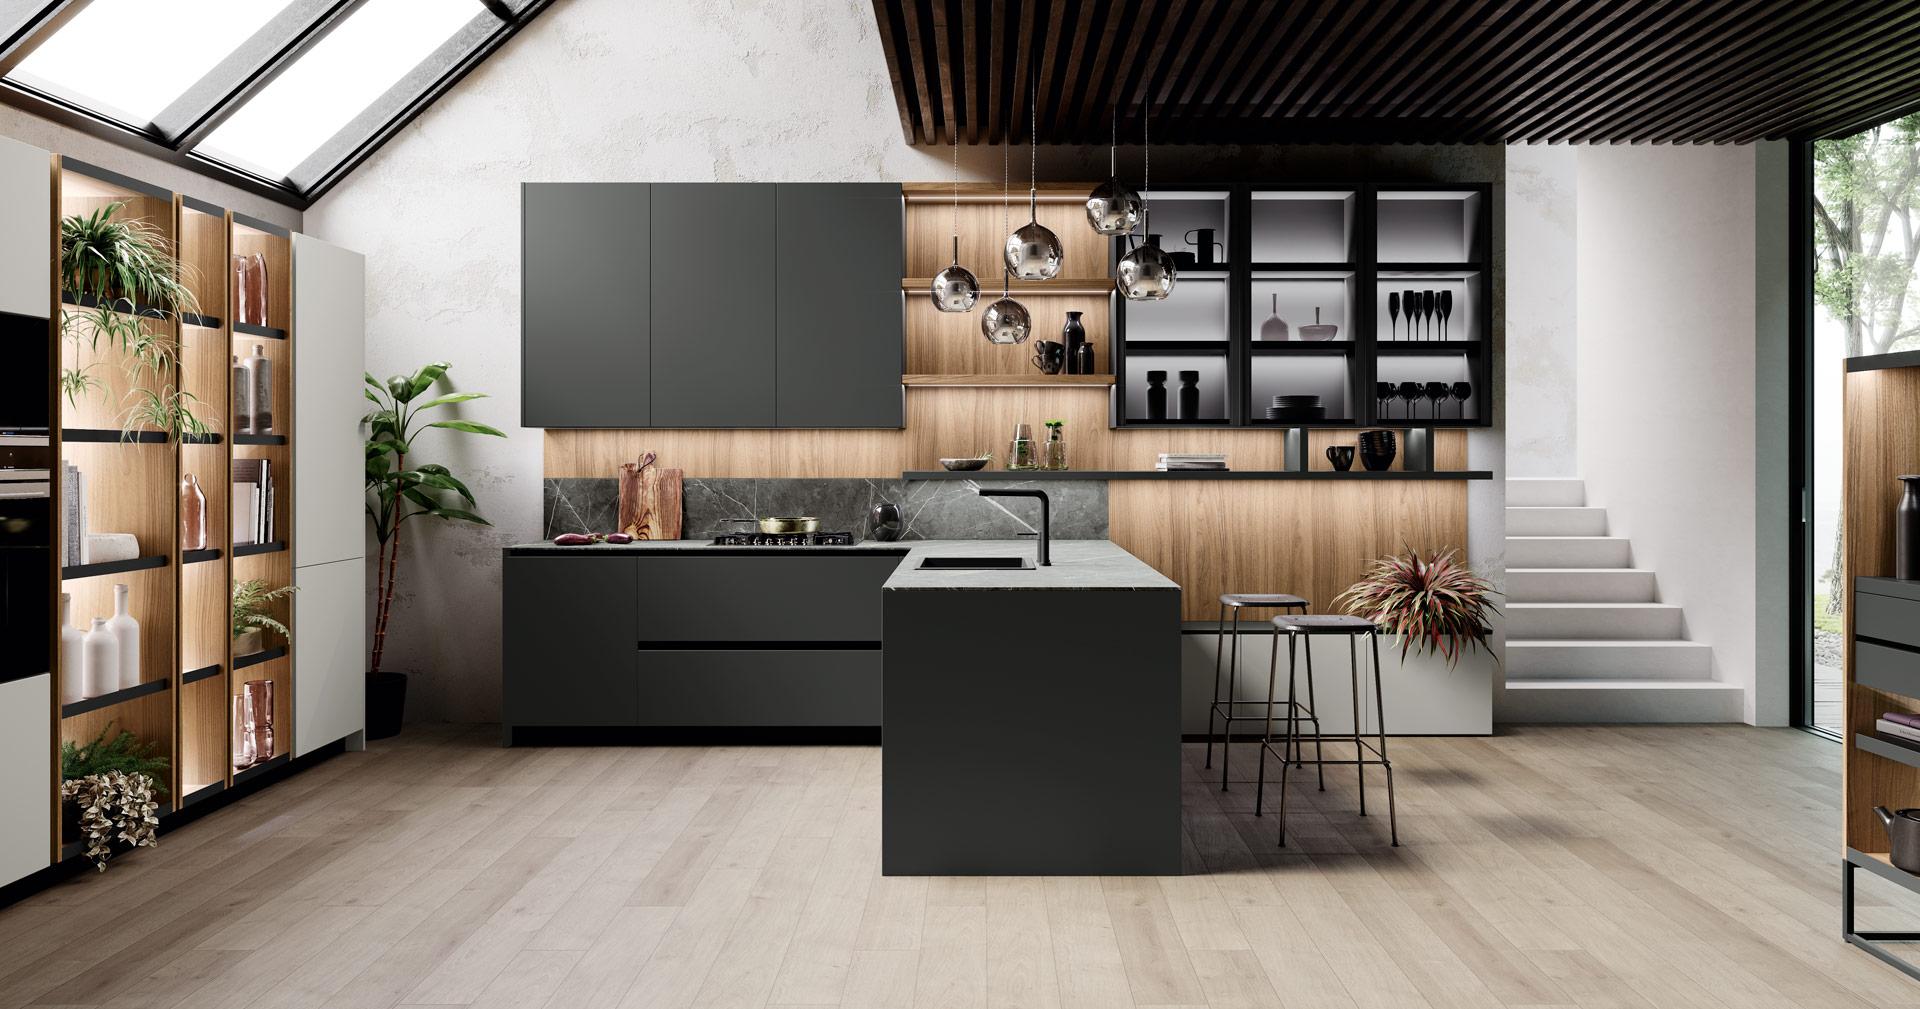 Cucina in legno noce e bilaminato opaco | Ménta_03 | MITON ...